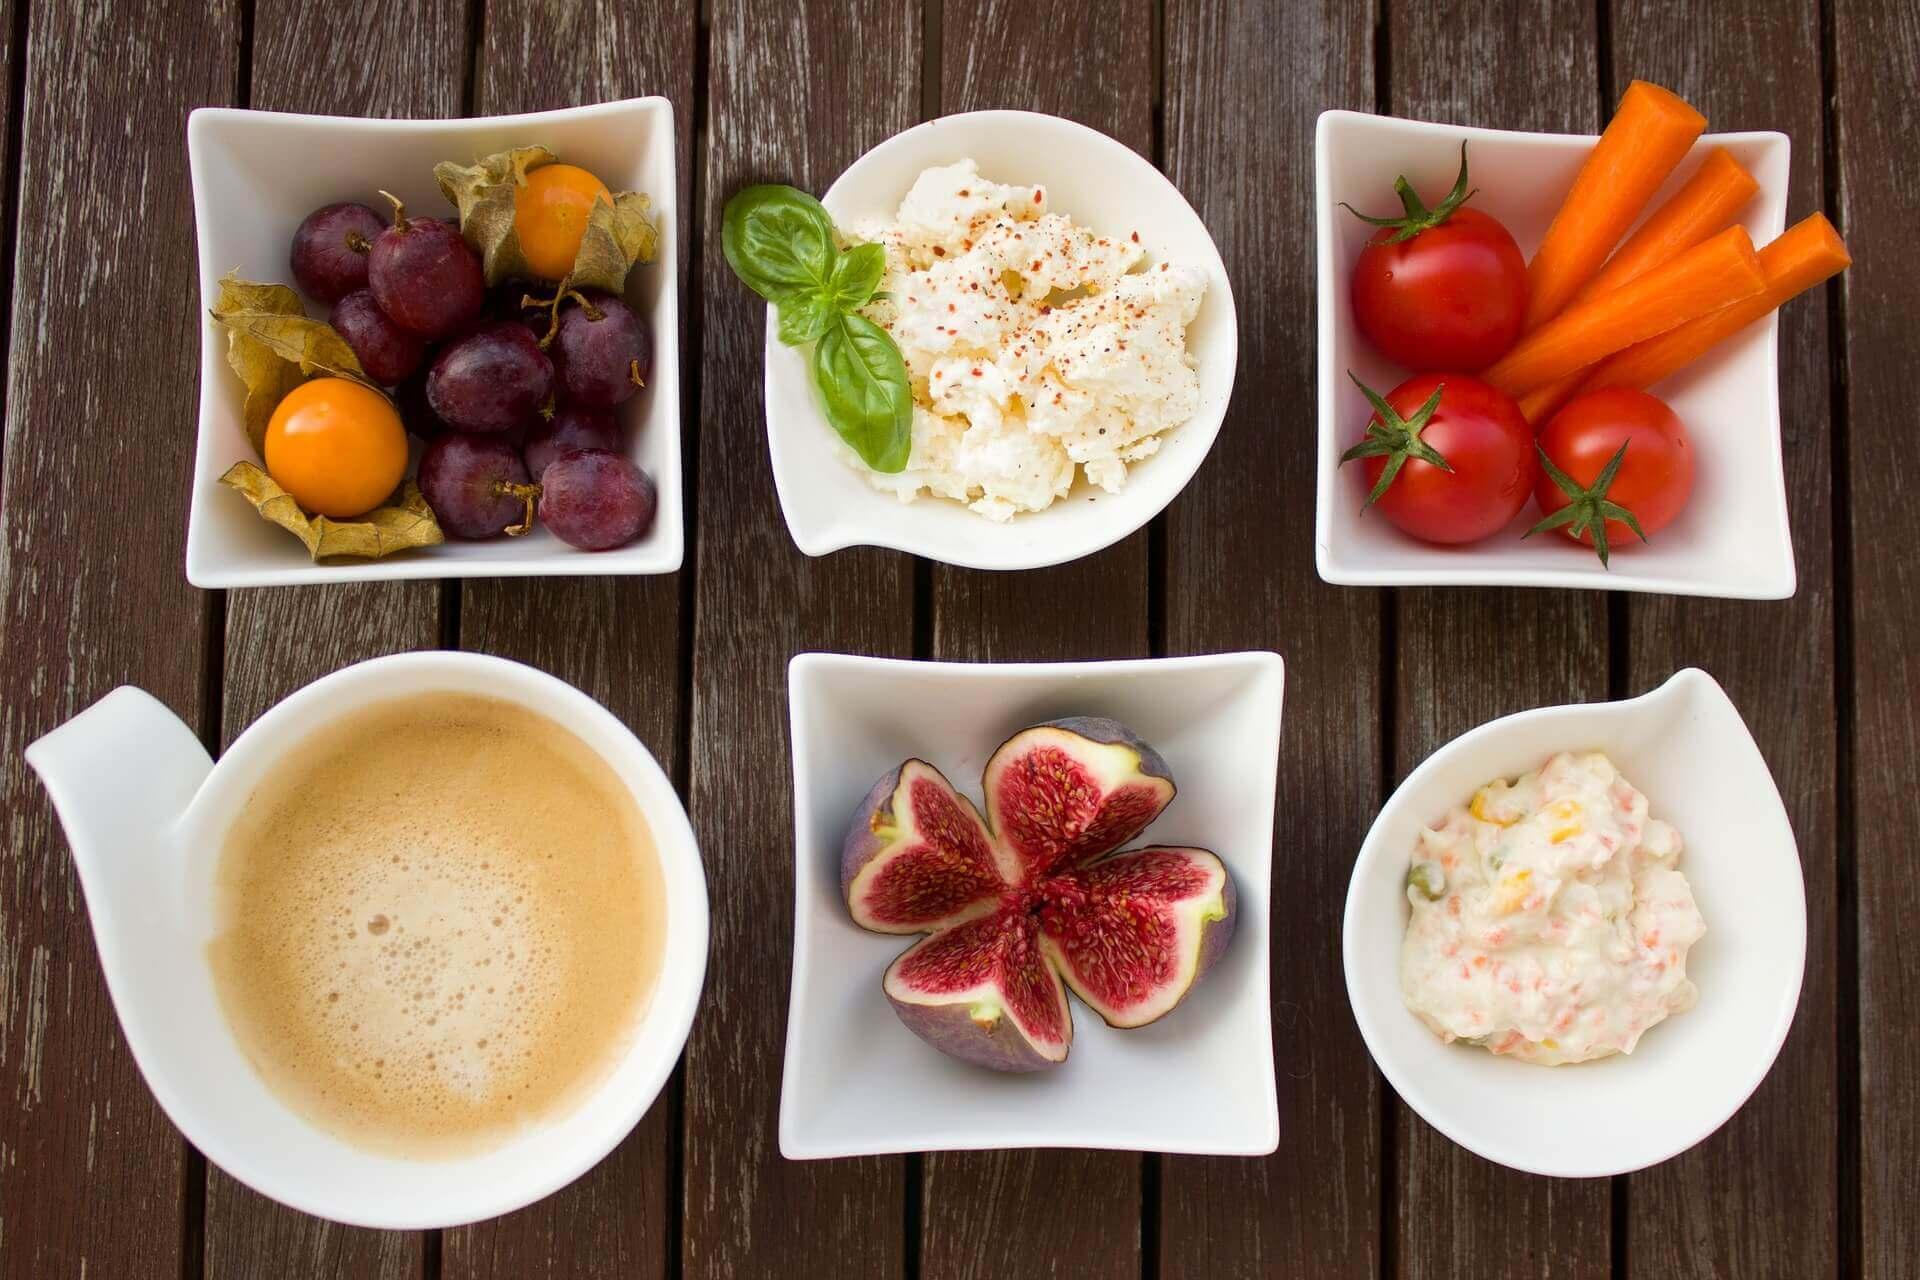 рецепты полезных завтраков для похудения с фото грузии существует